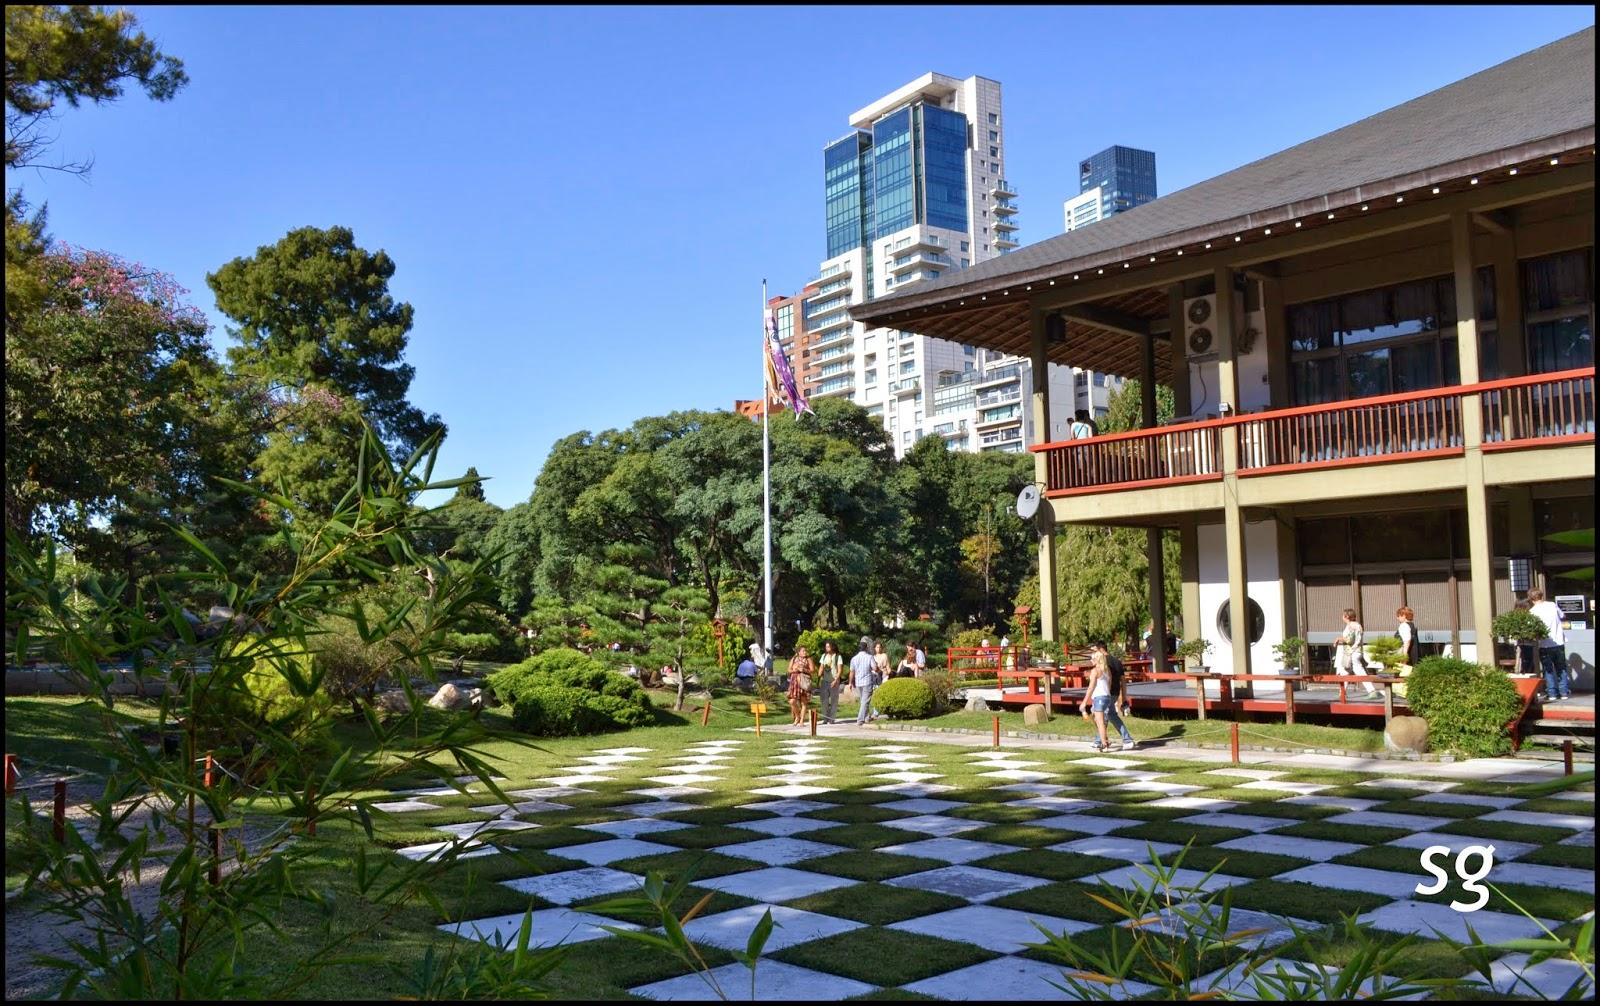 El rutero jard n japones for Jardin japones horarios